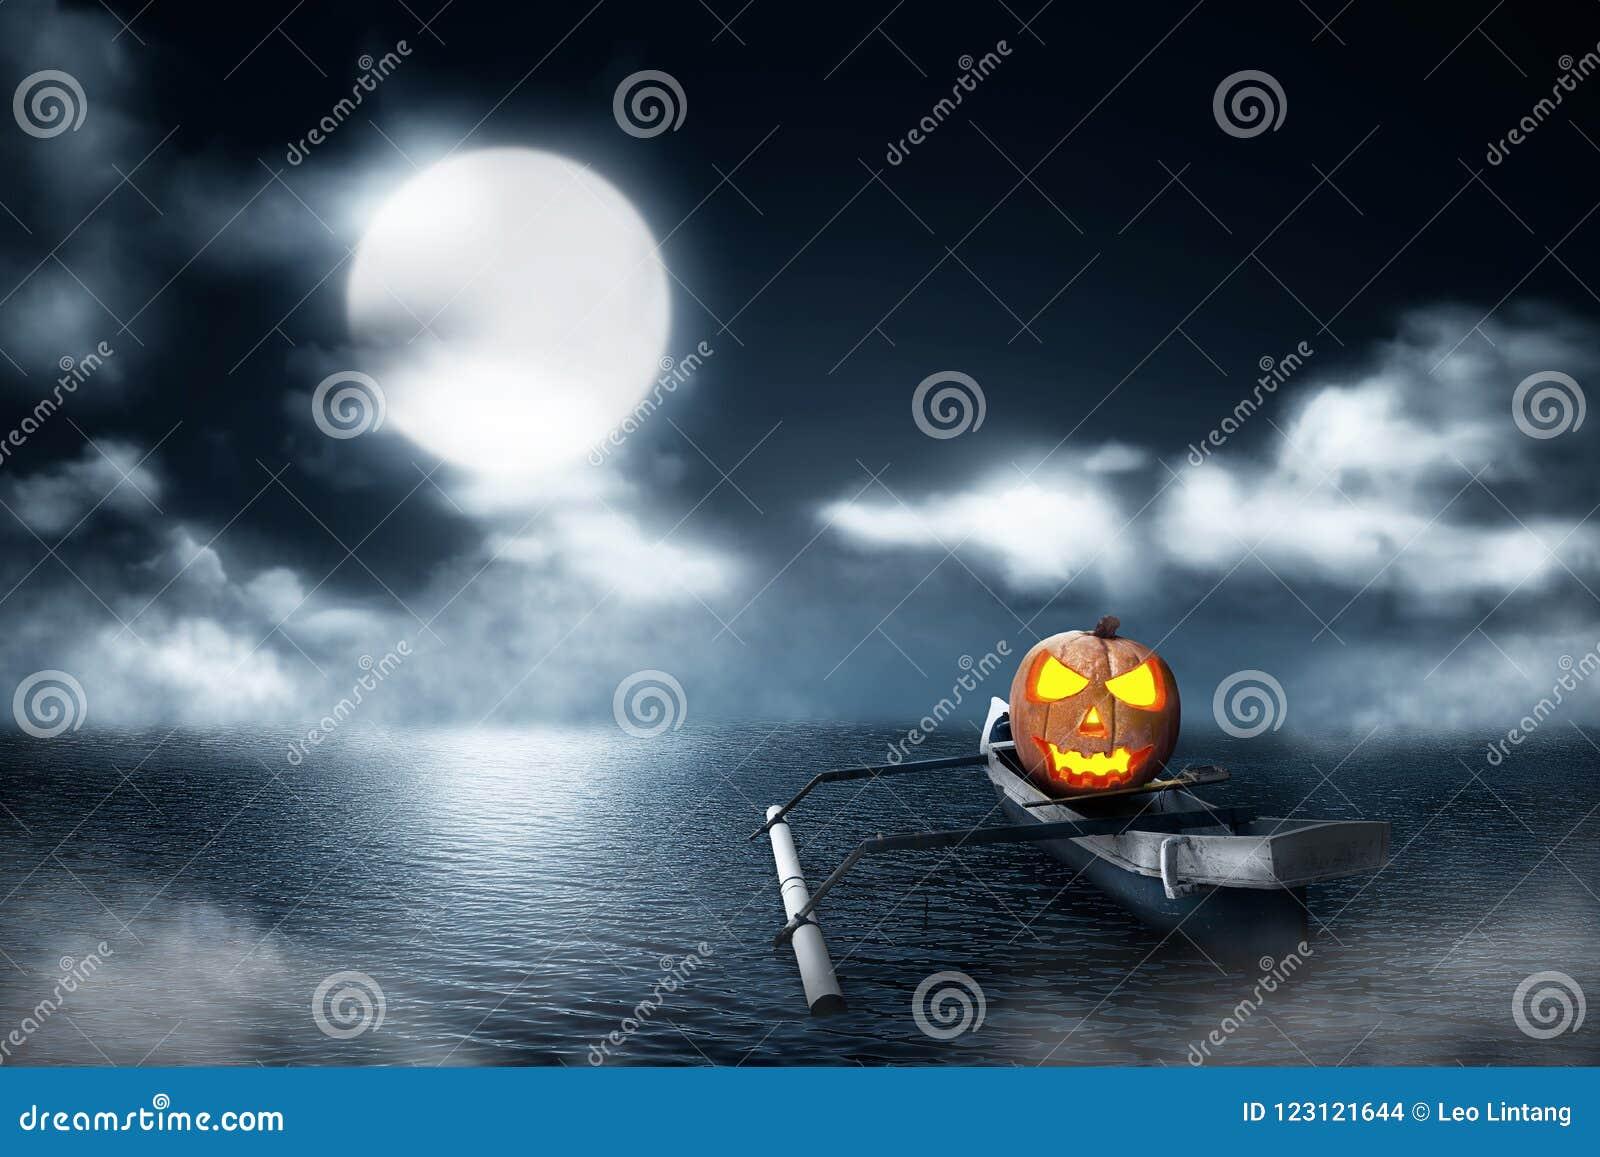 Halloween pumpkin in wooden boat on foggy lake